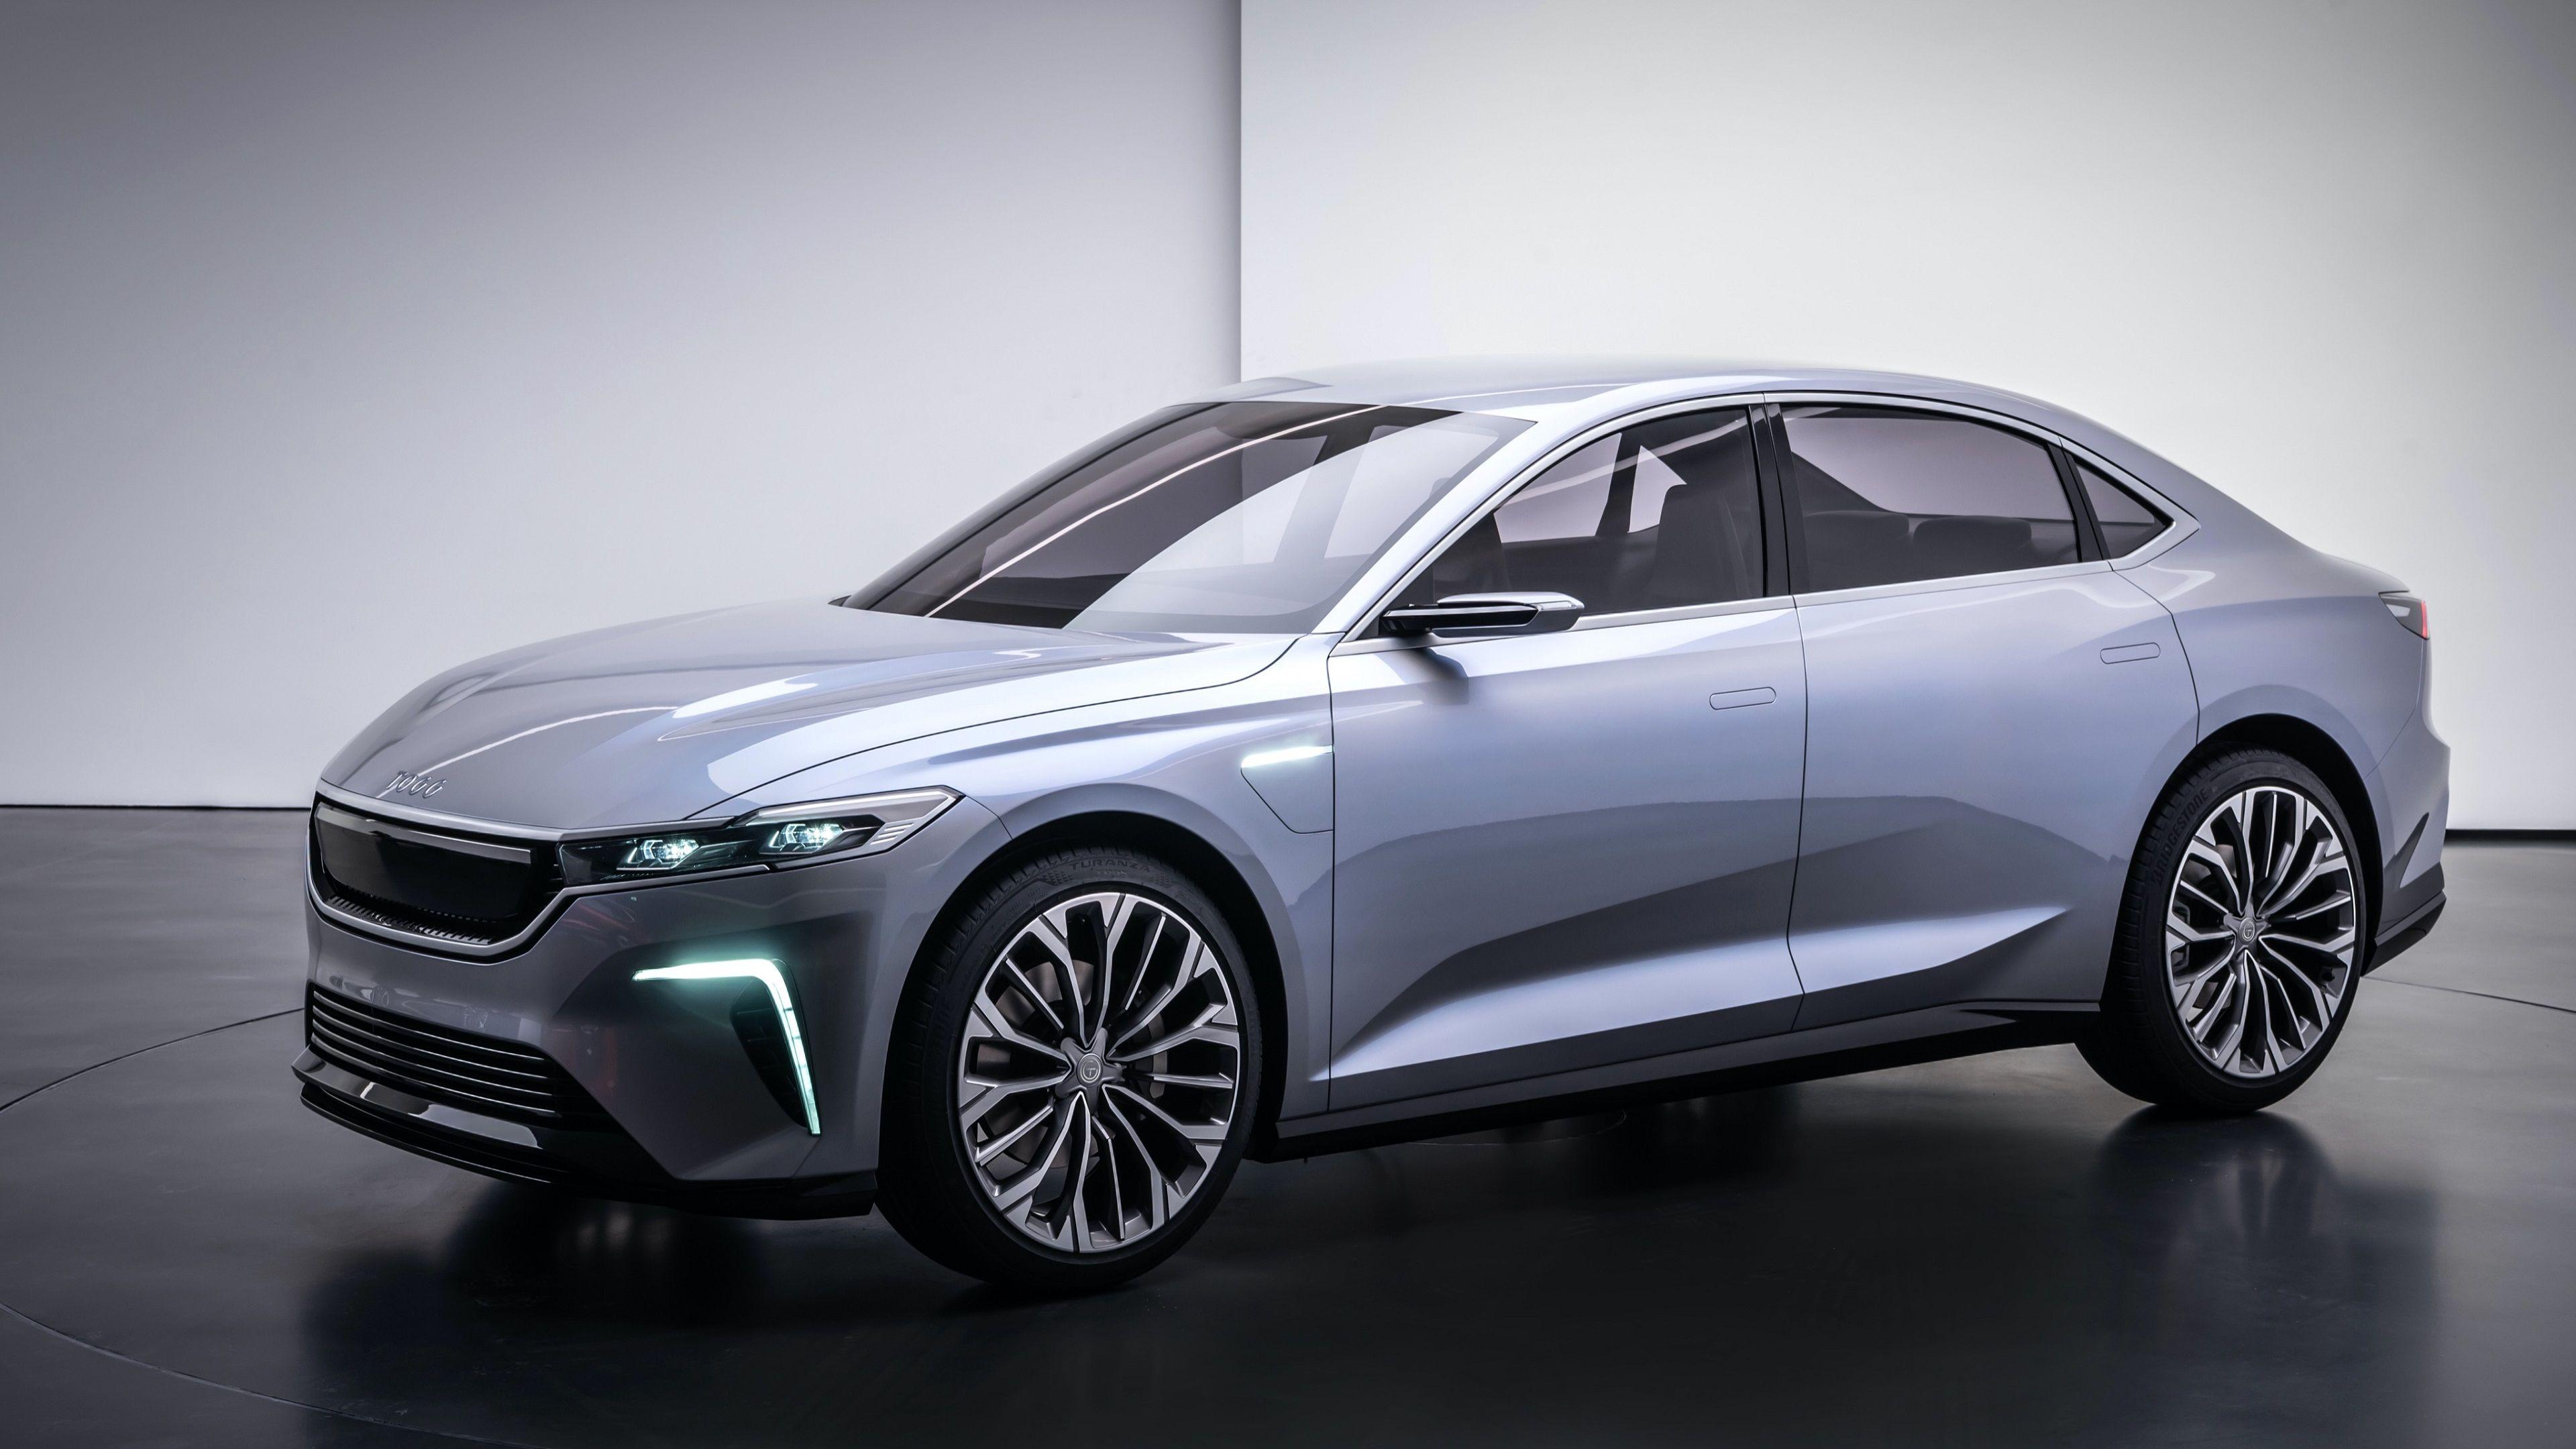 Togg Electric Car Of Turkey 2022 Grey Sedan Turkey Electric Car Togg 4k Wallpaper Togg Electric Car Of Turkey 4k Wallpaper Togg National Car Suv Car Brands